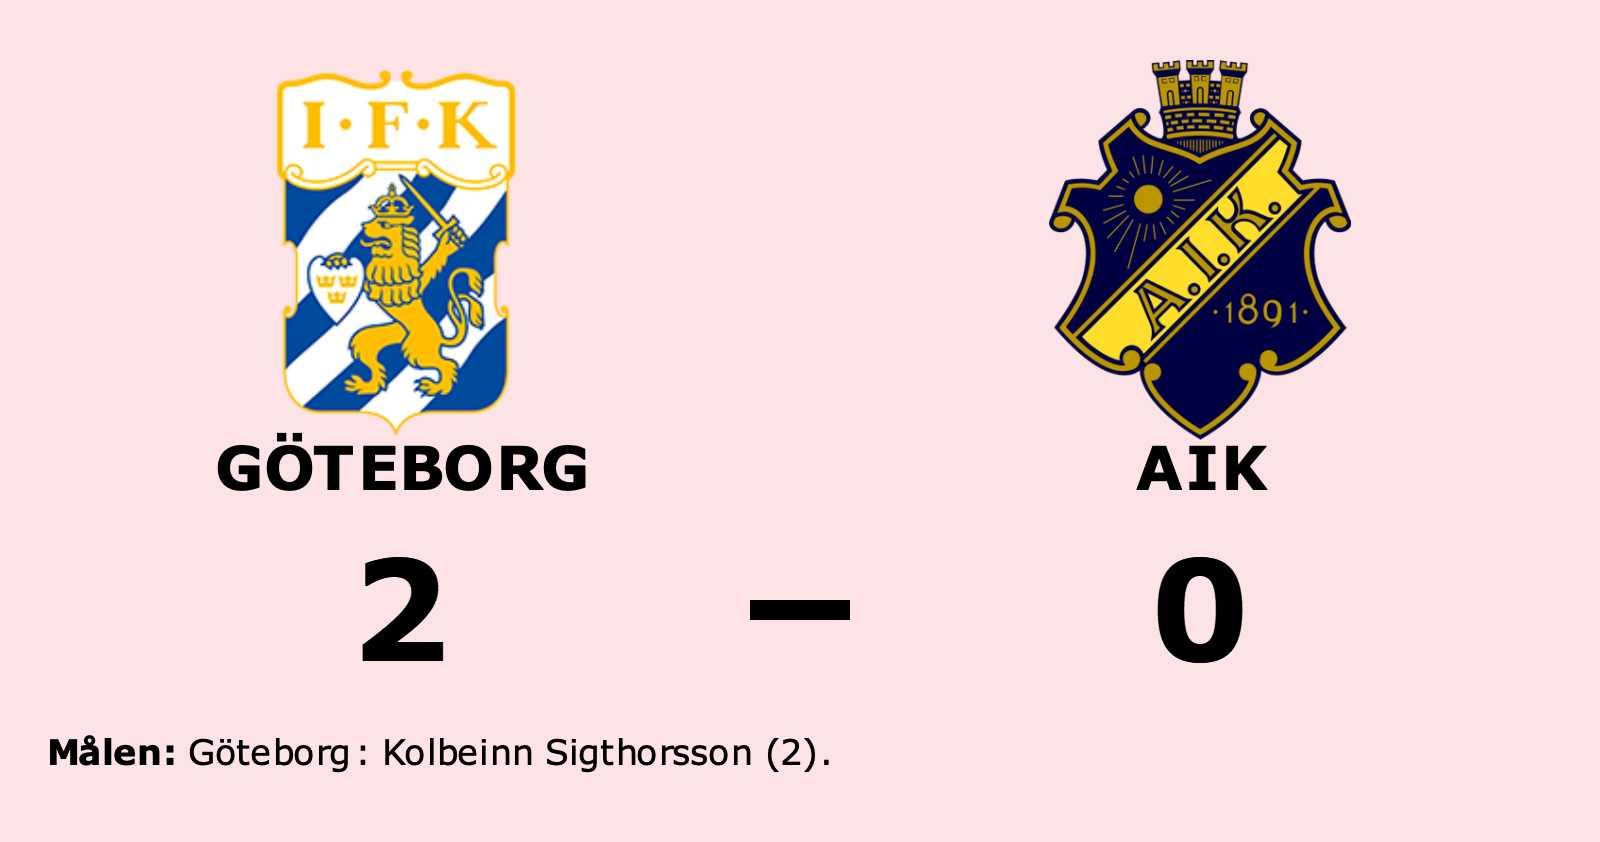 Sigthorsson matchvinnare när Göteborg vann mot AIK